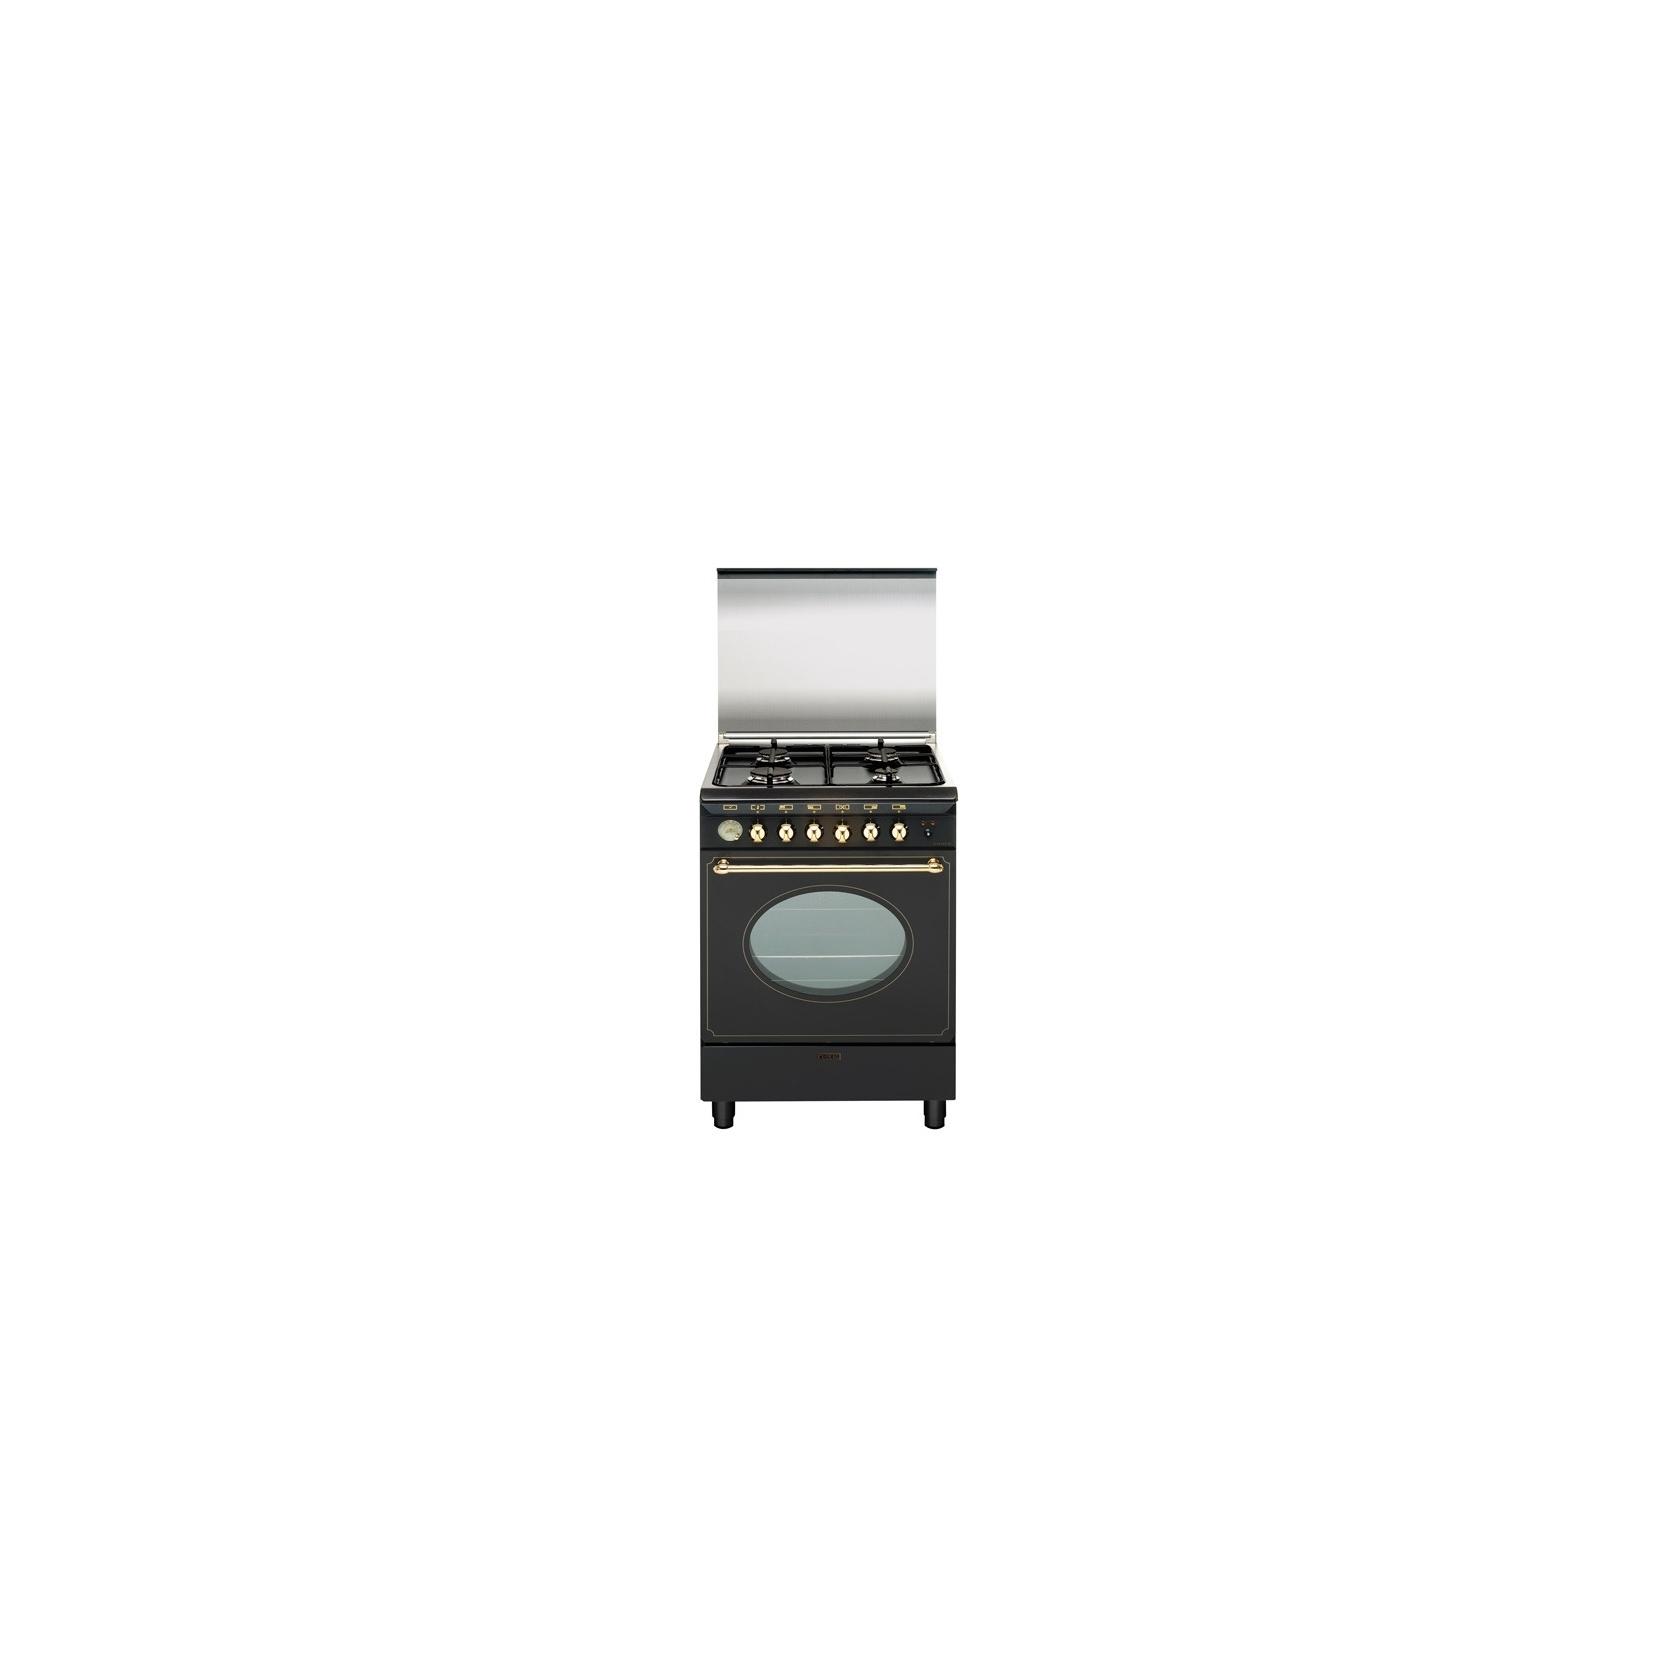 Glem cucina a gas ua66vr3 4 zone cottura forno elettrico 60x60cm colore nero garanzia italia - Cucine a gas samsung ...